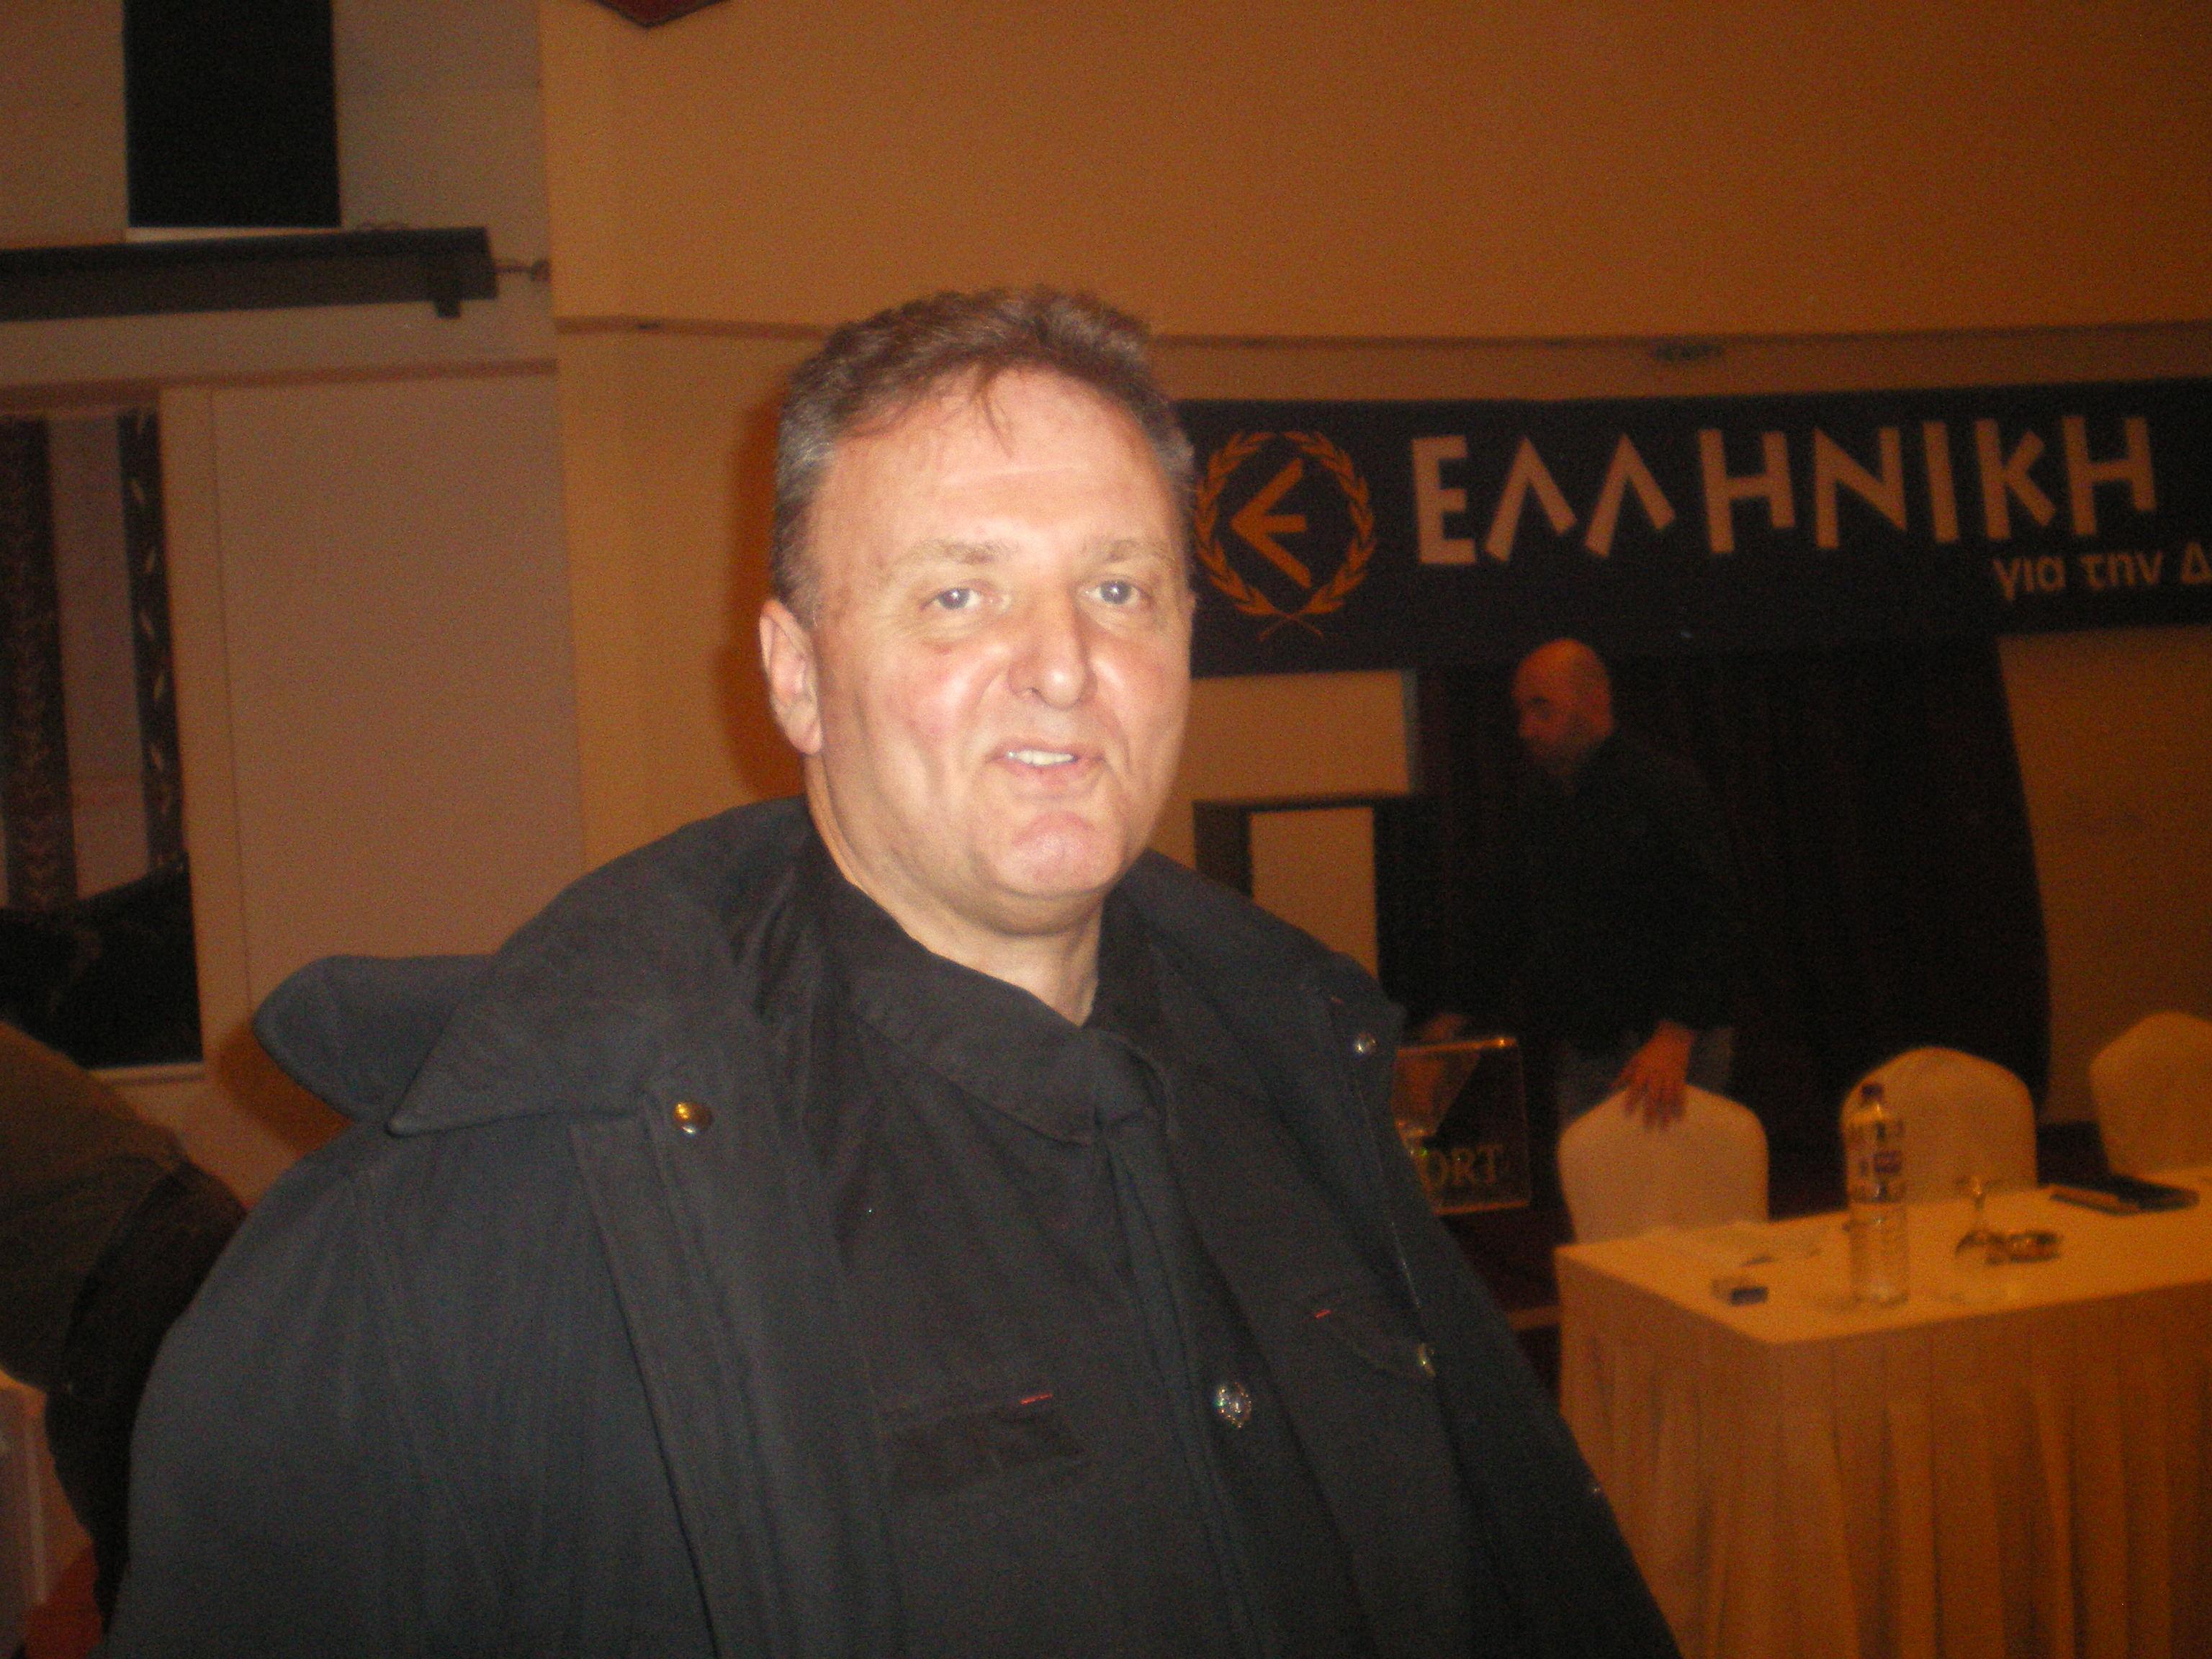 Υποψήφιος περιφερειάρχης με τη Eλληνική (Χρυσή) Αυγή ο δικηγόρος Νίκος Κουρκούτας – Ποιοι είναι οι υποψήφιοι Αντιπεριφερειάρχες (Βίντεο)